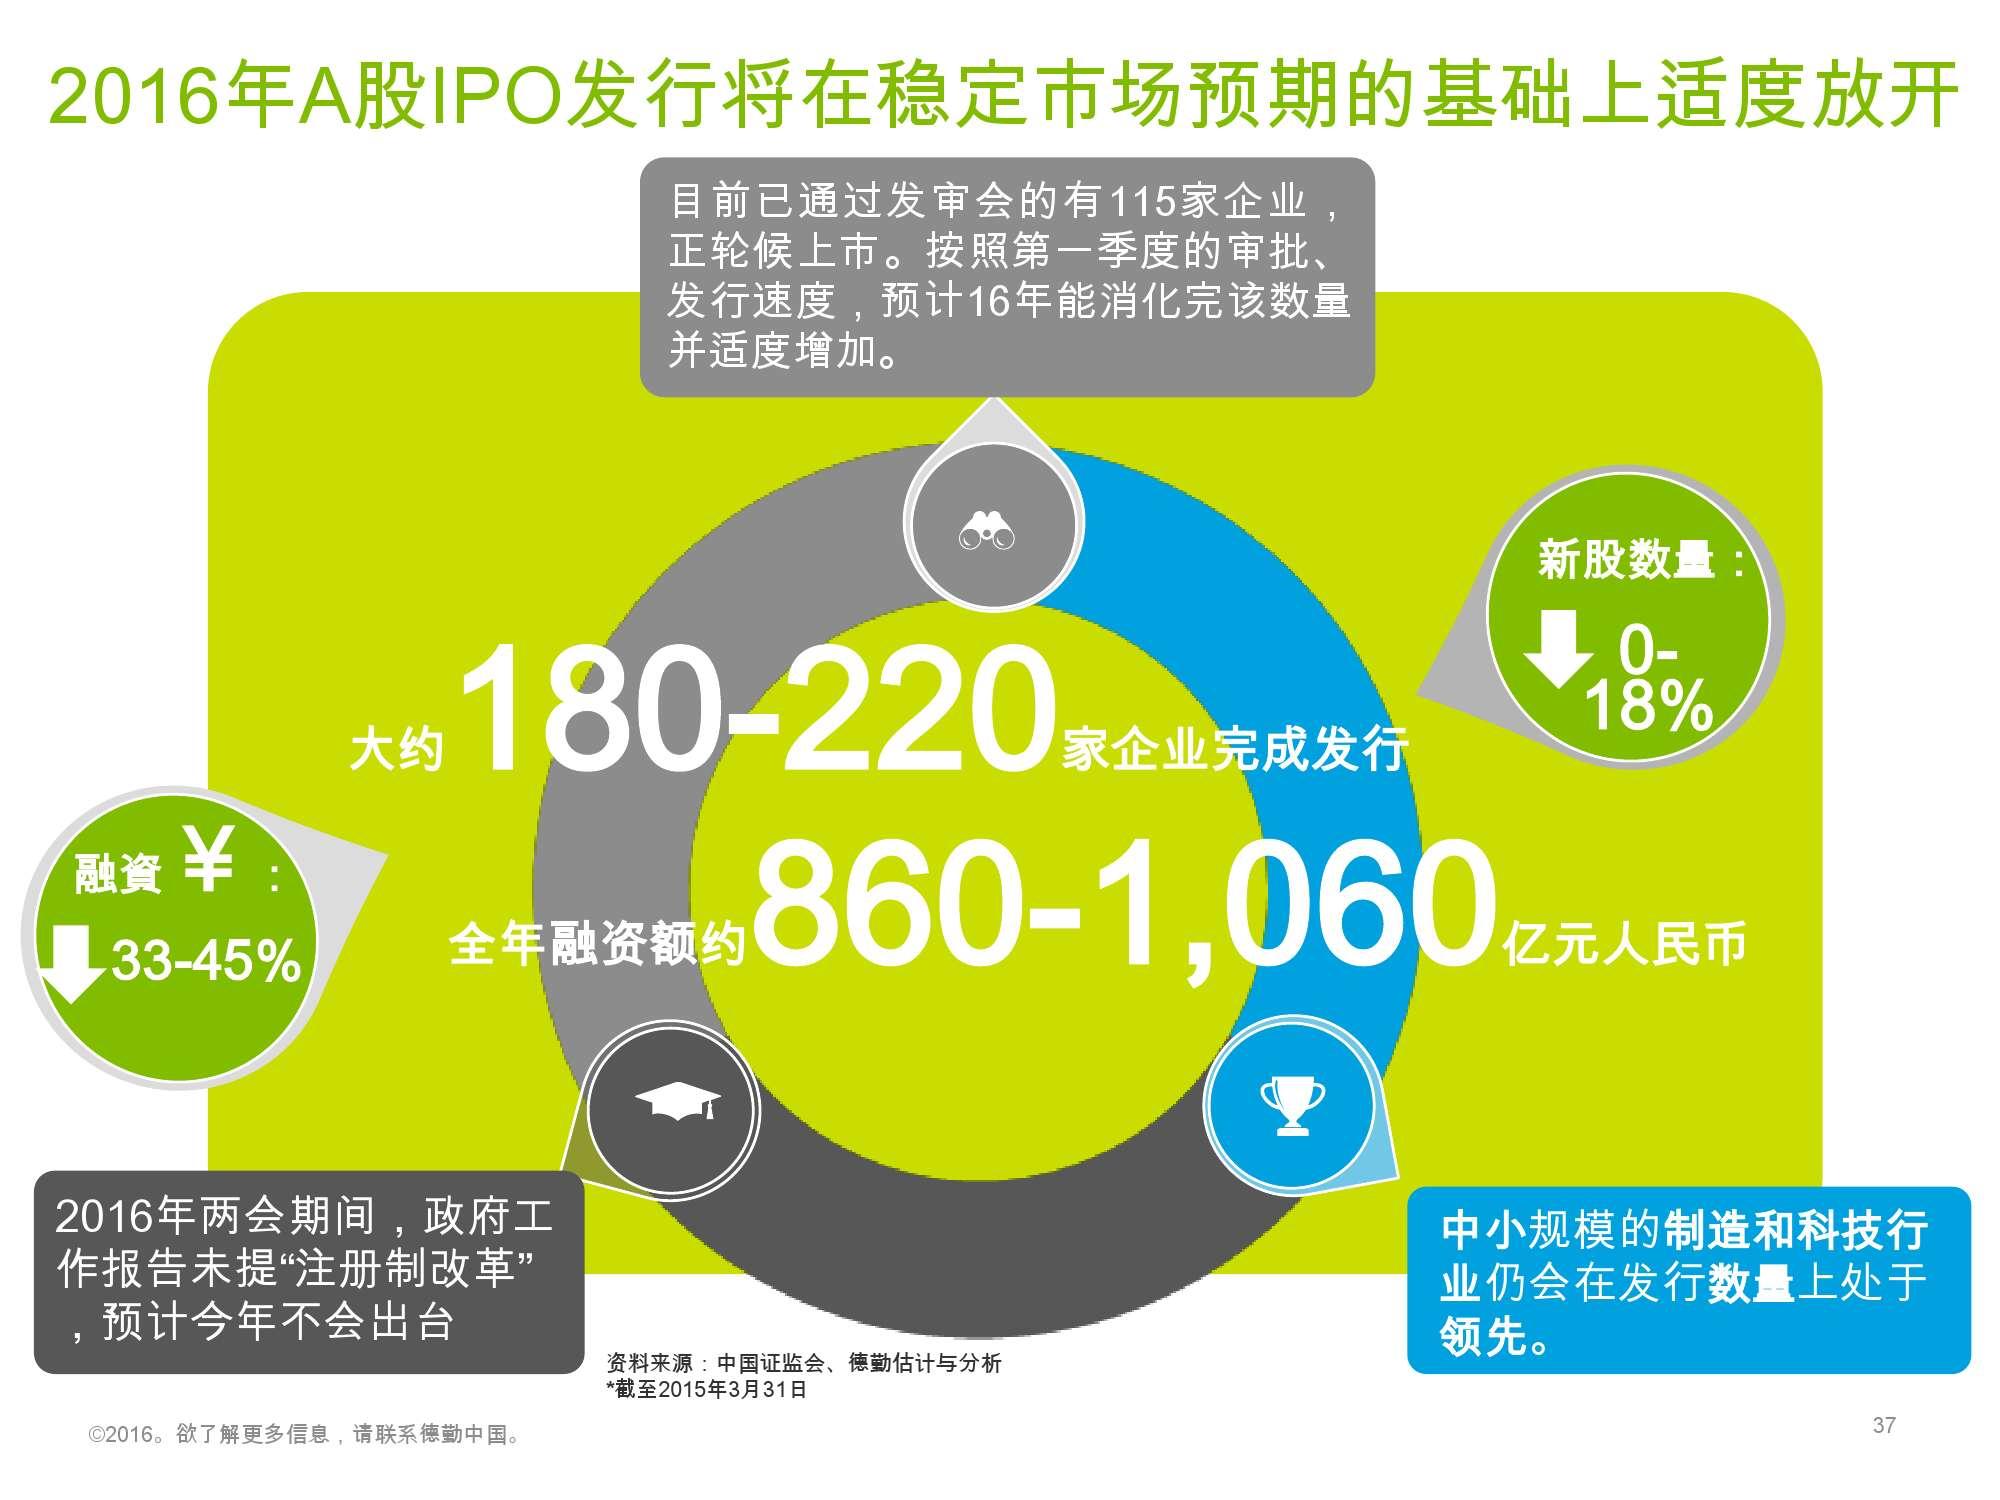 香港及中国大陆IPO市场2016年1季度_000037